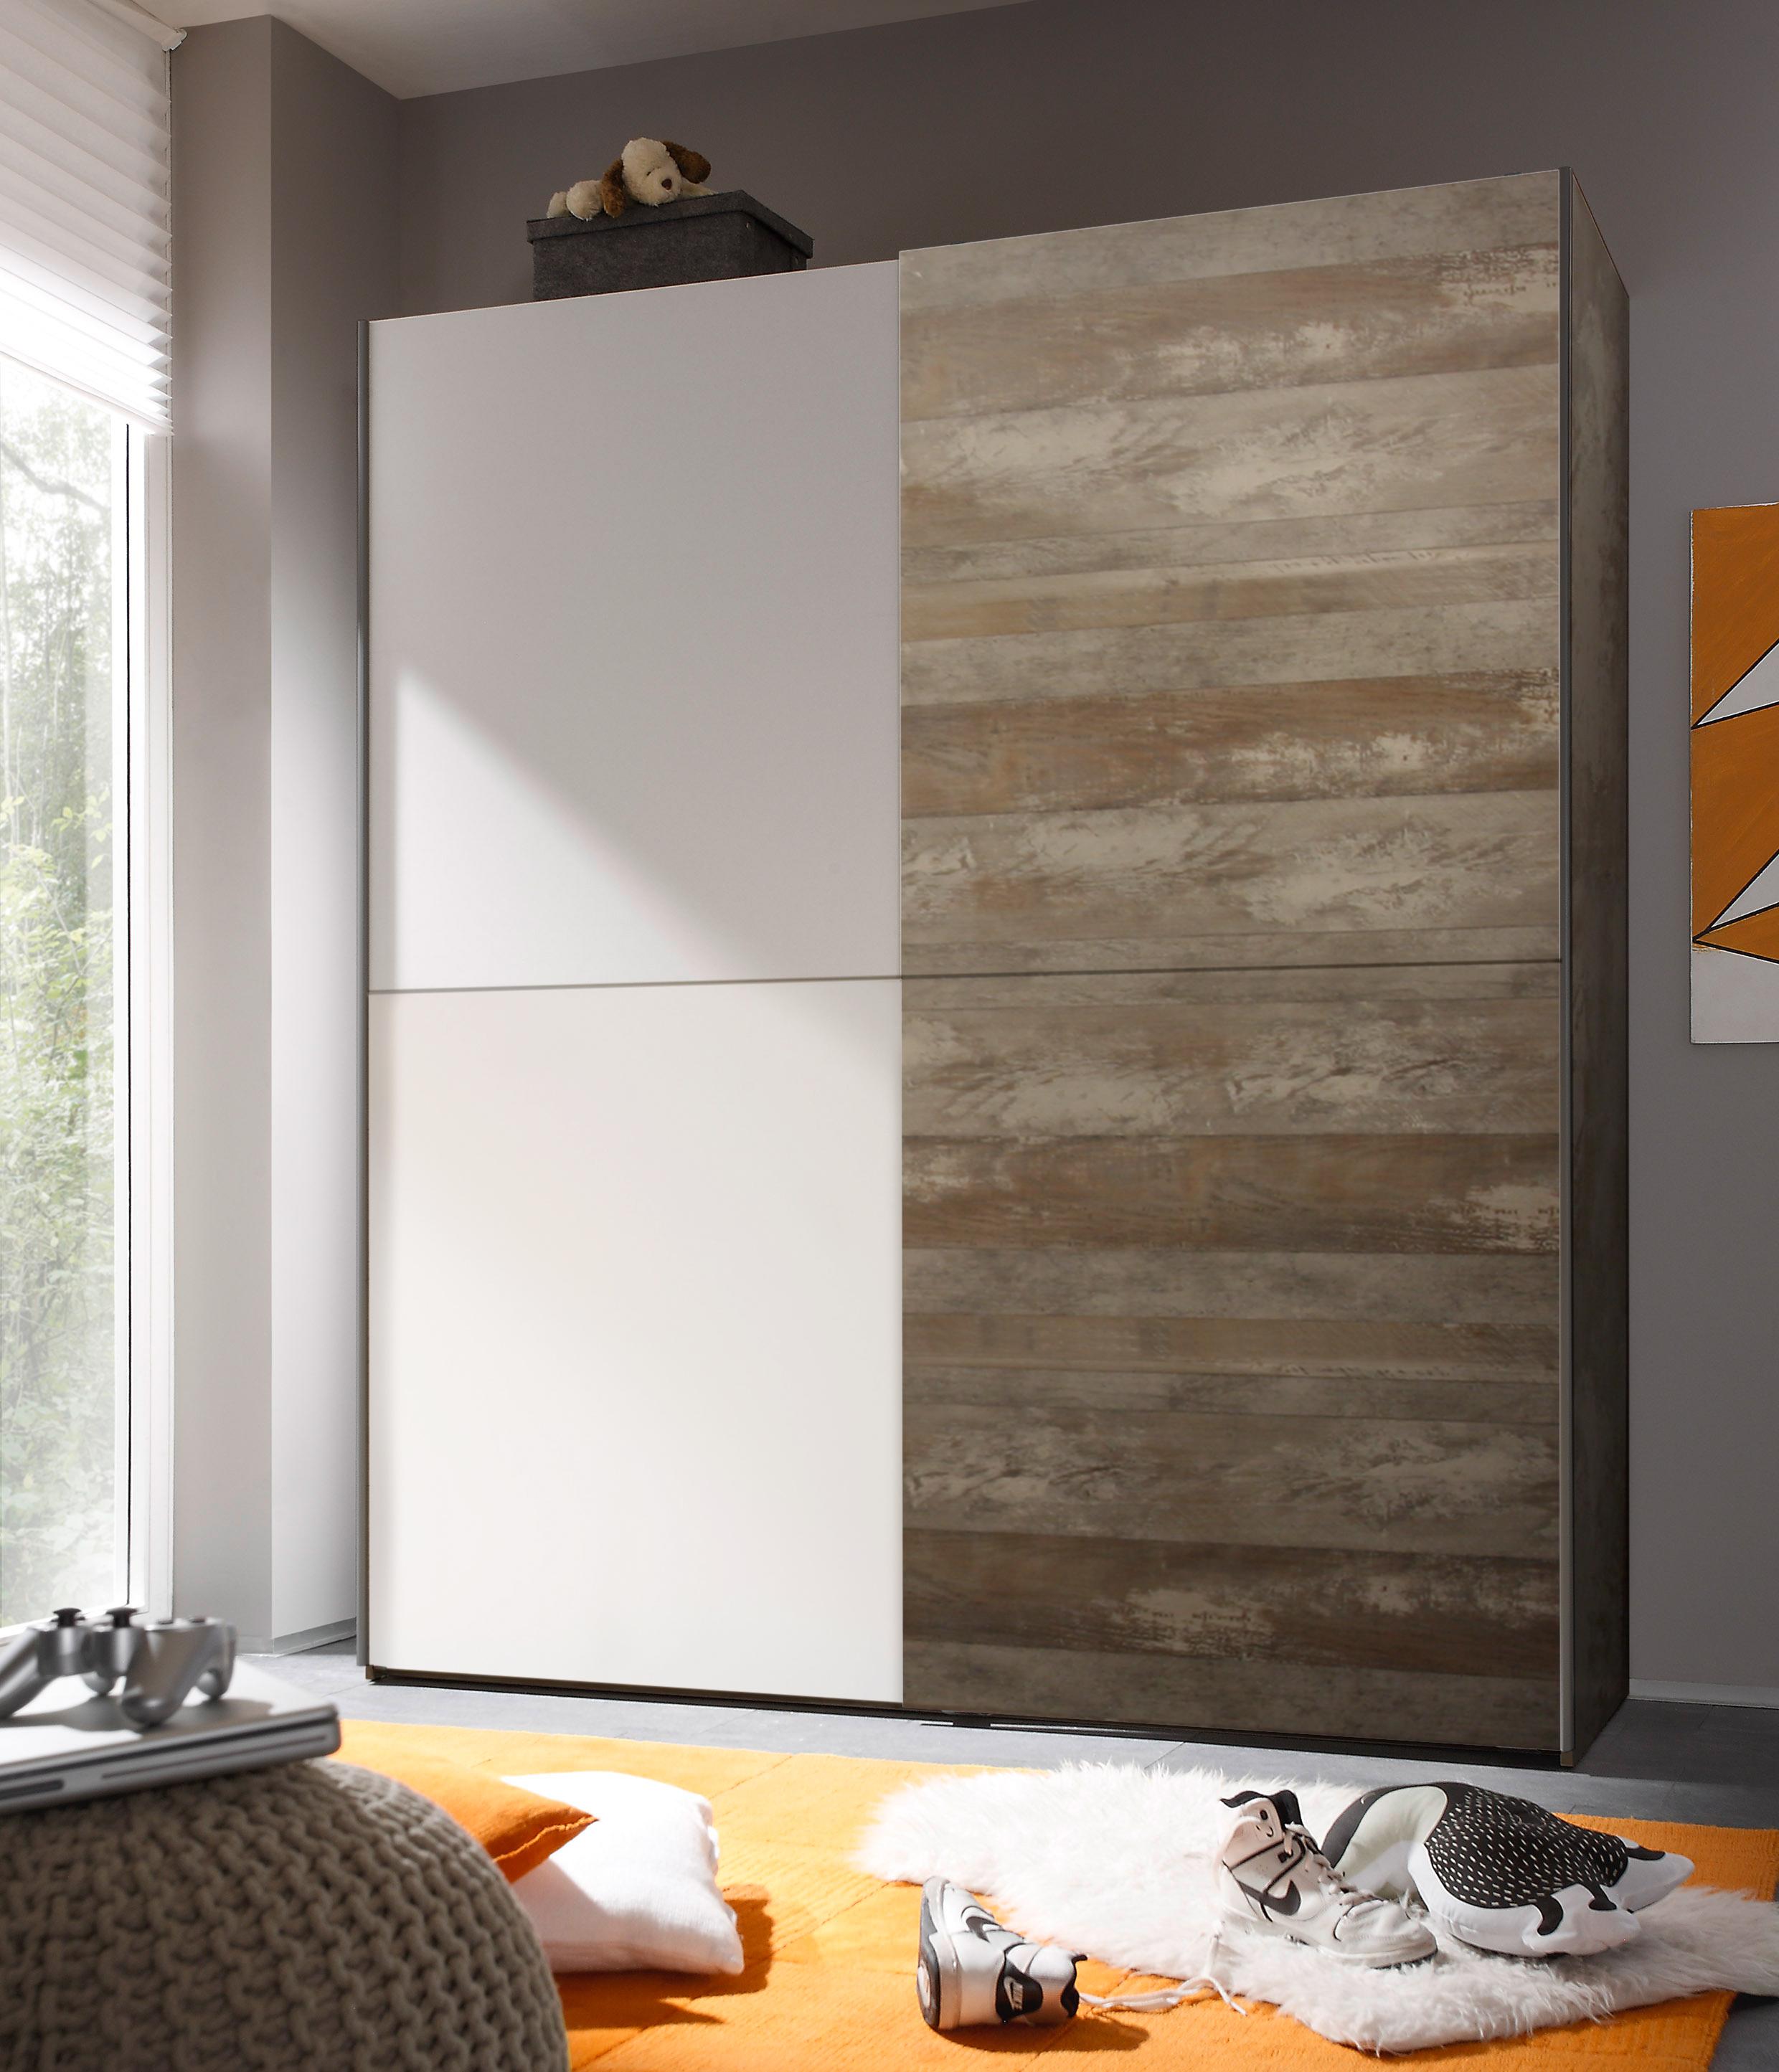 Schwebetürenschrank Kleiderschrank Schrank Schlafzimmer Driftwood Weiß 170cm   eBay